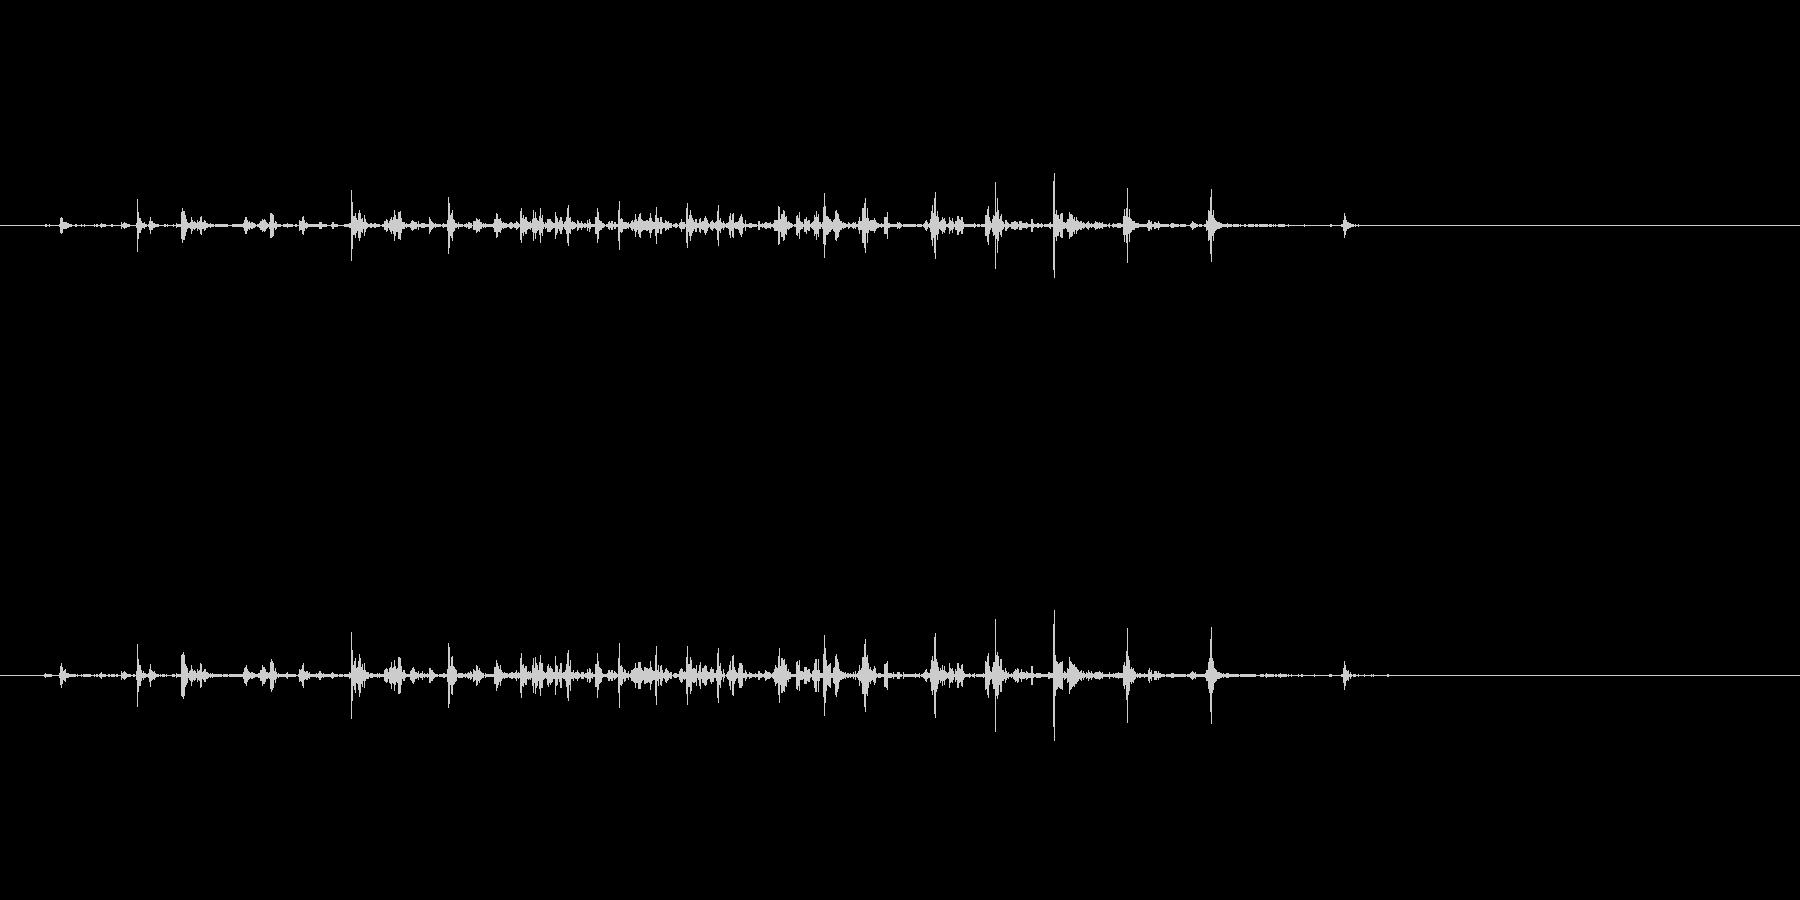 力強く握るような音の未再生の波形